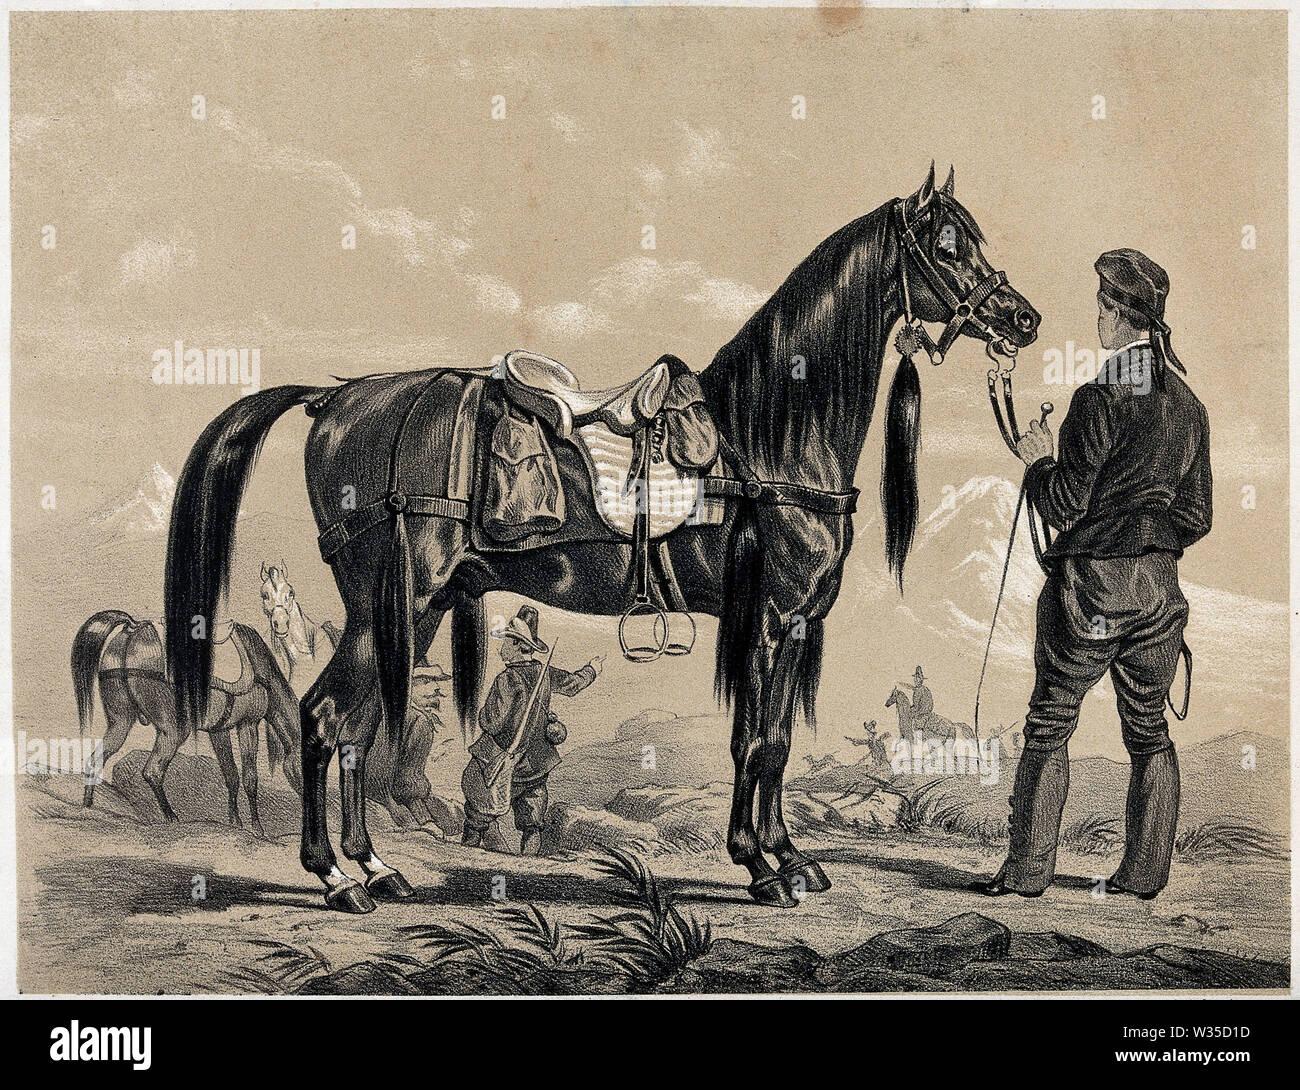 Ist ein Soldat mit einem reinrassigen arabischen Pferd durch seine Zügel. Lithographie. Stockbild